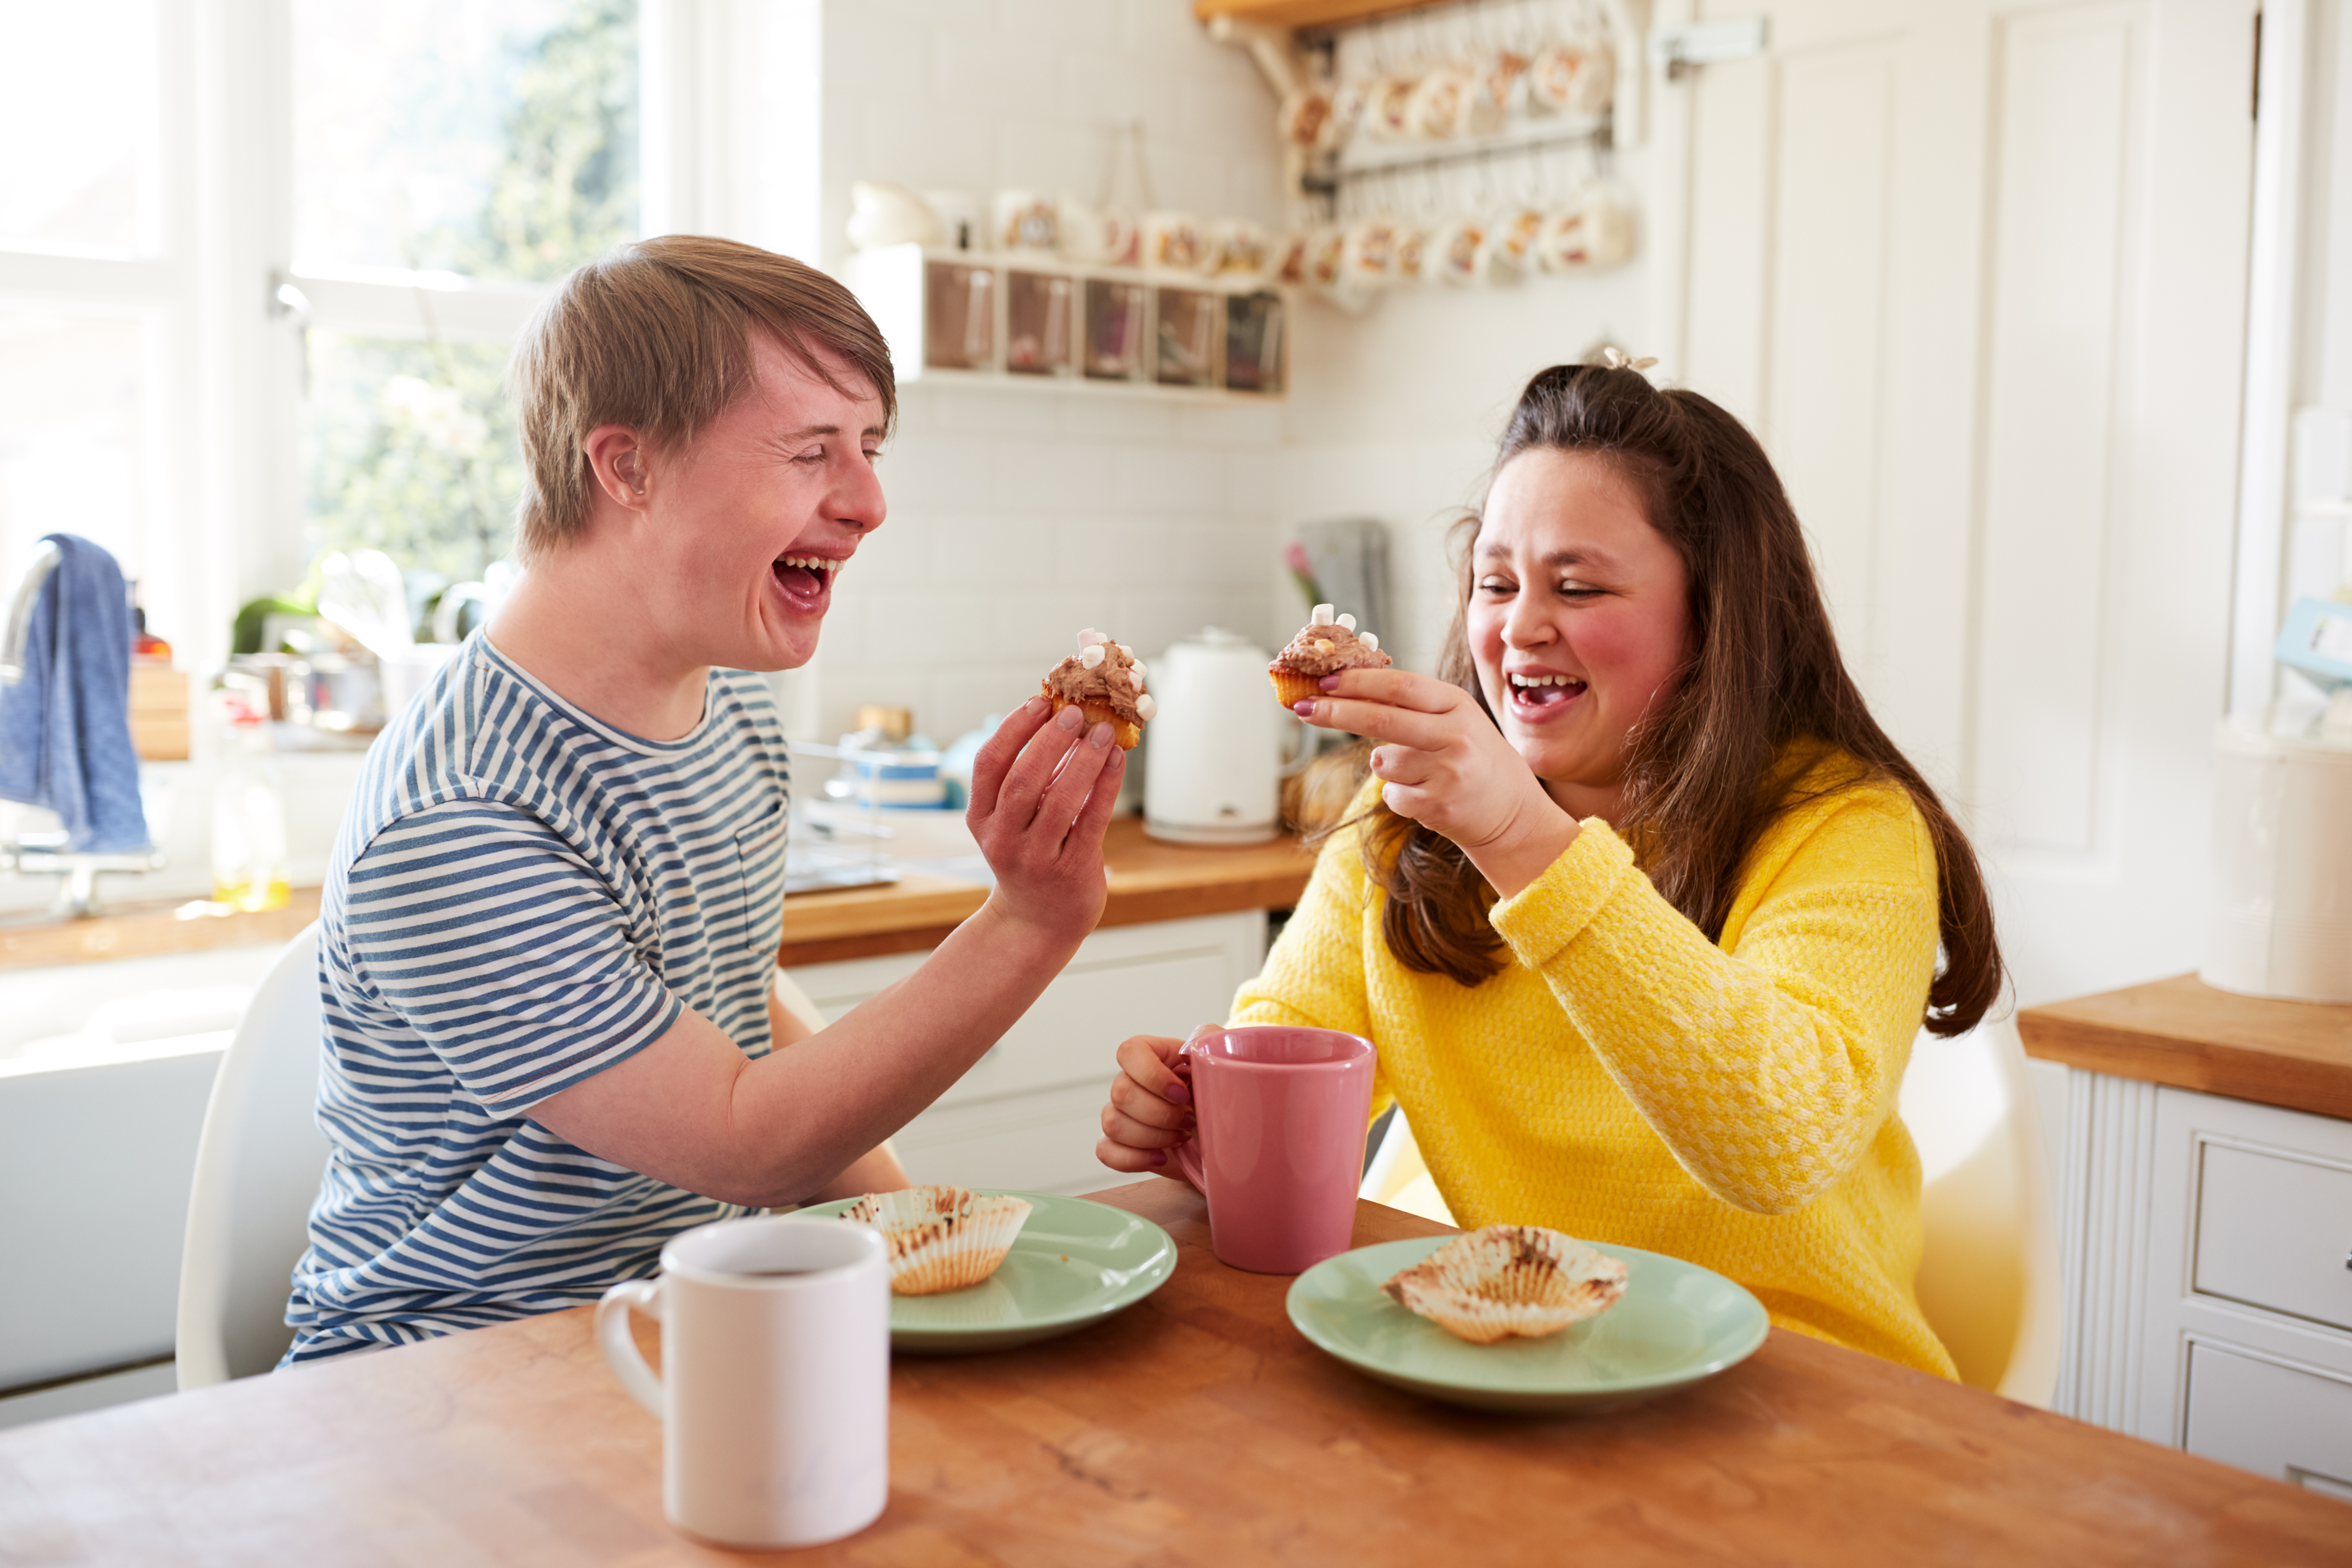 En del har lättare att känna lycka och kan rent genetiskt ha haft turen att födas med en högre grundnivå av lycka.